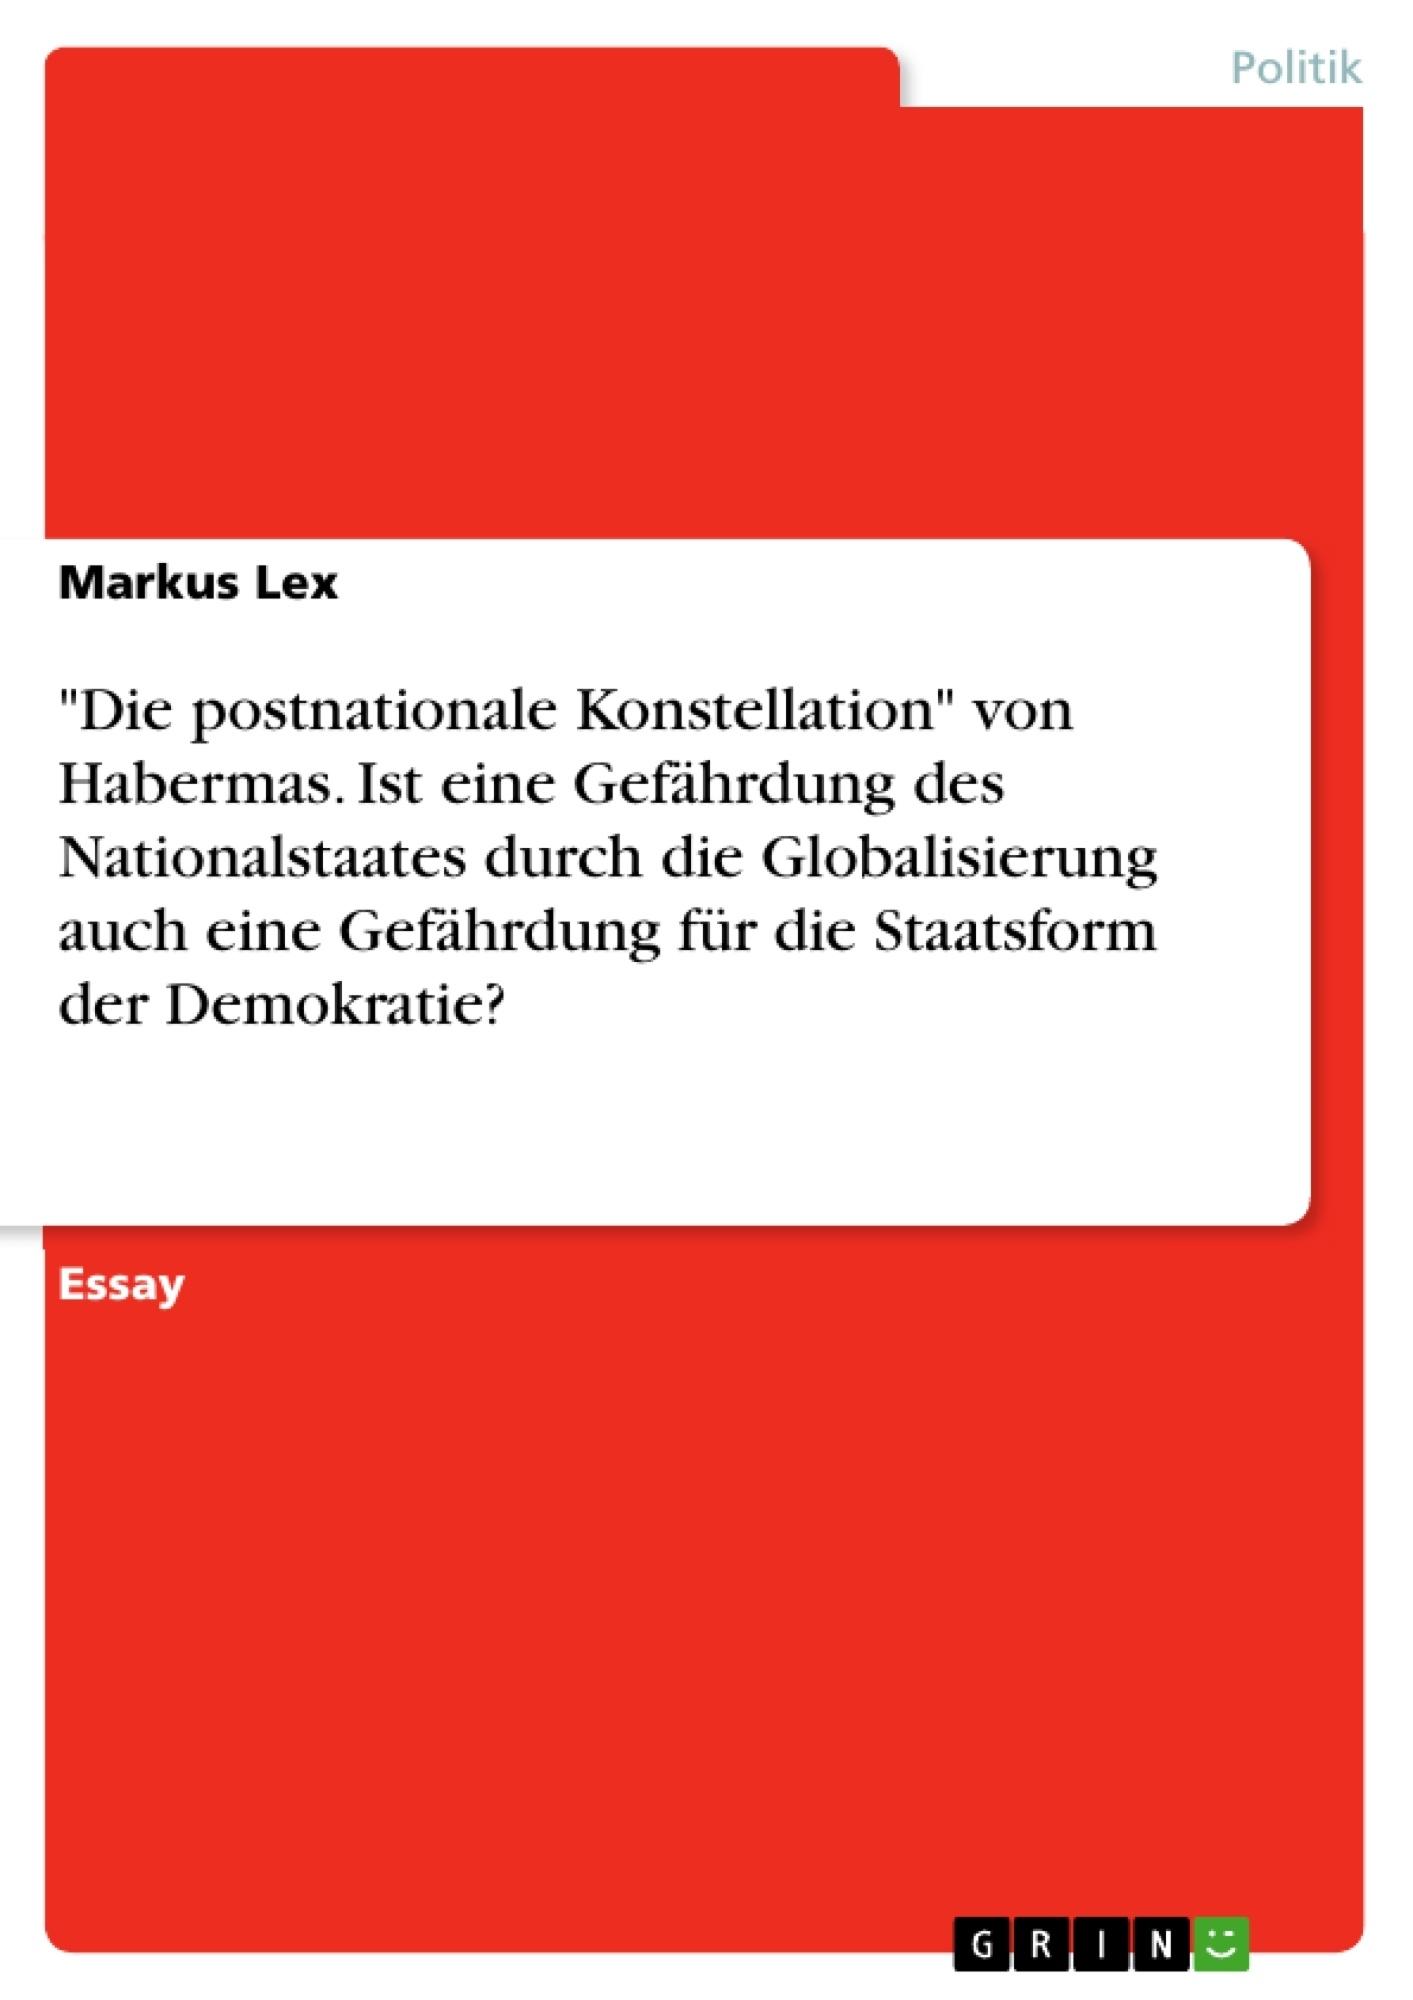 """Titel: """"Die postnationale Konstellation"""" von Habermas. Ist eine Gefährdung des Nationalstaates durch die  Globalisierung auch eine Gefährdung für die Staatsform der Demokratie?"""